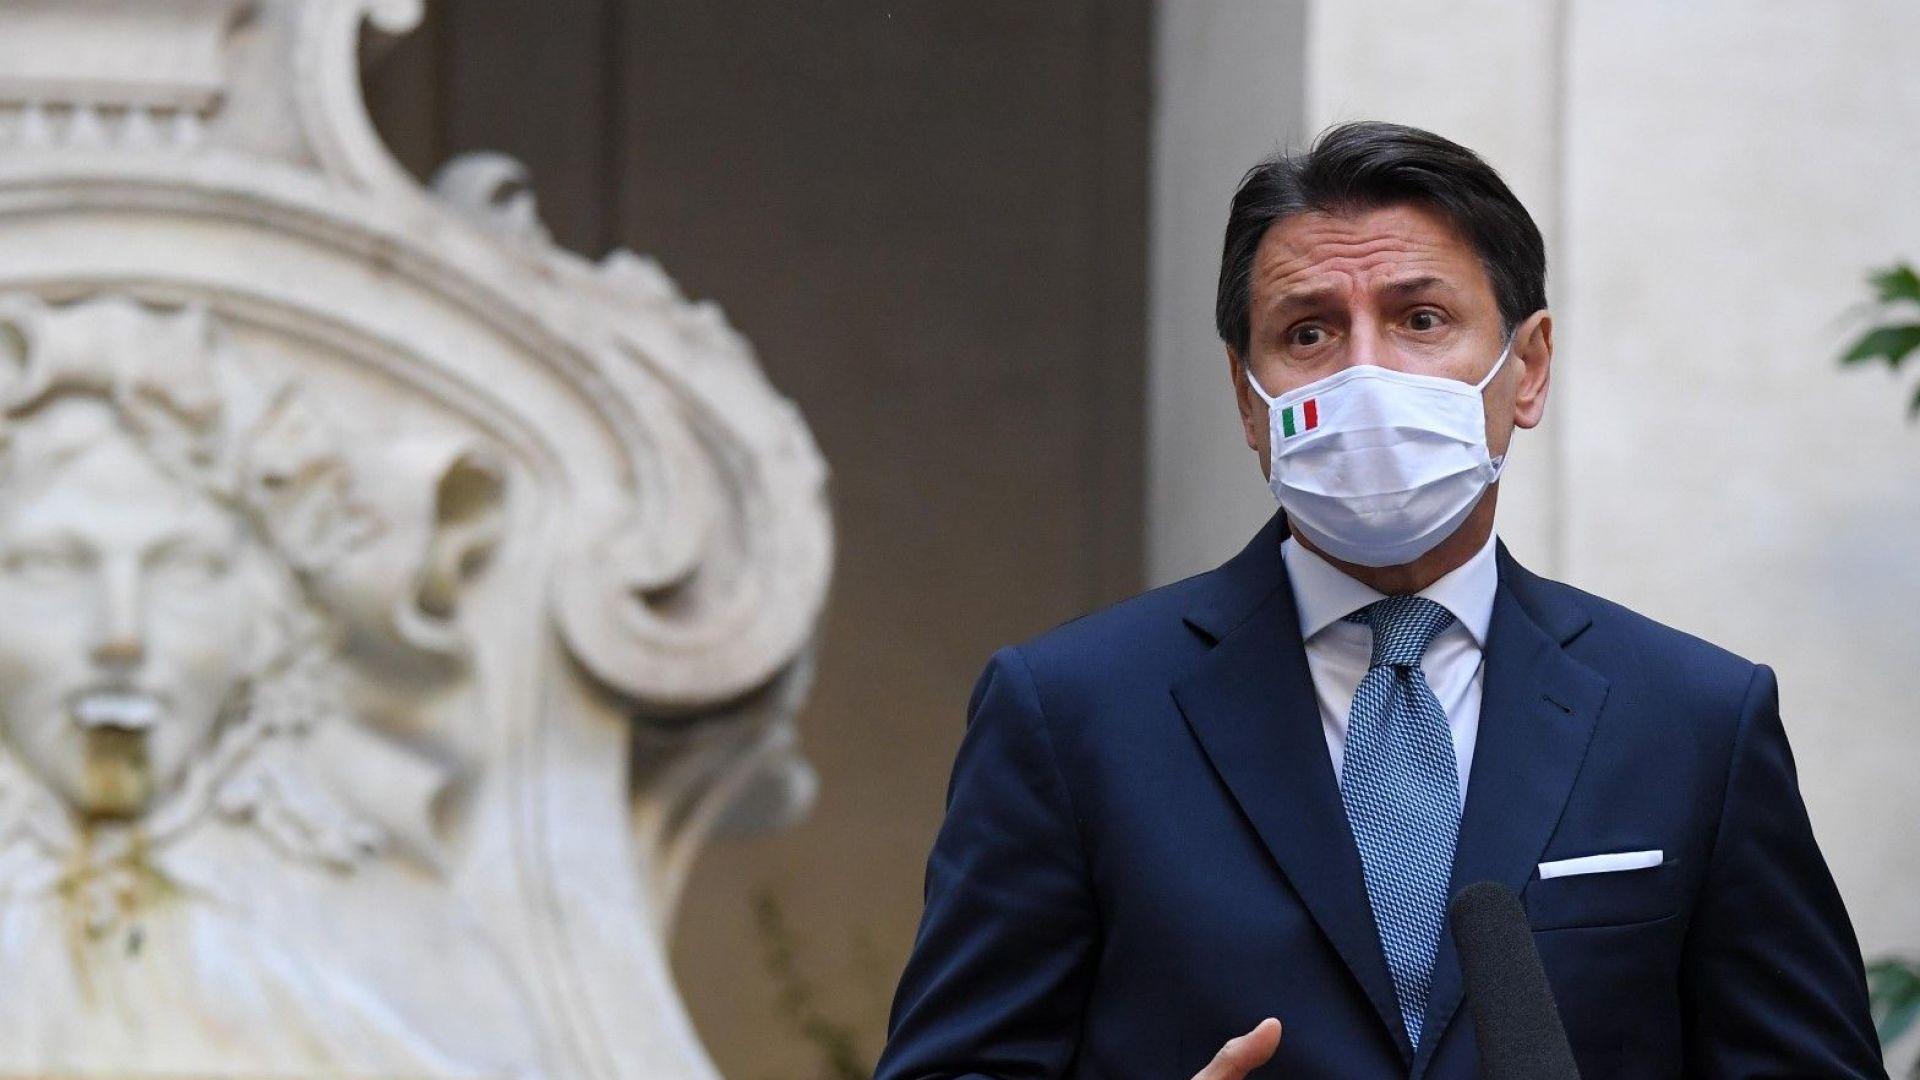 €223-милиарден възстановителен план може да пробие кабинета на Конте